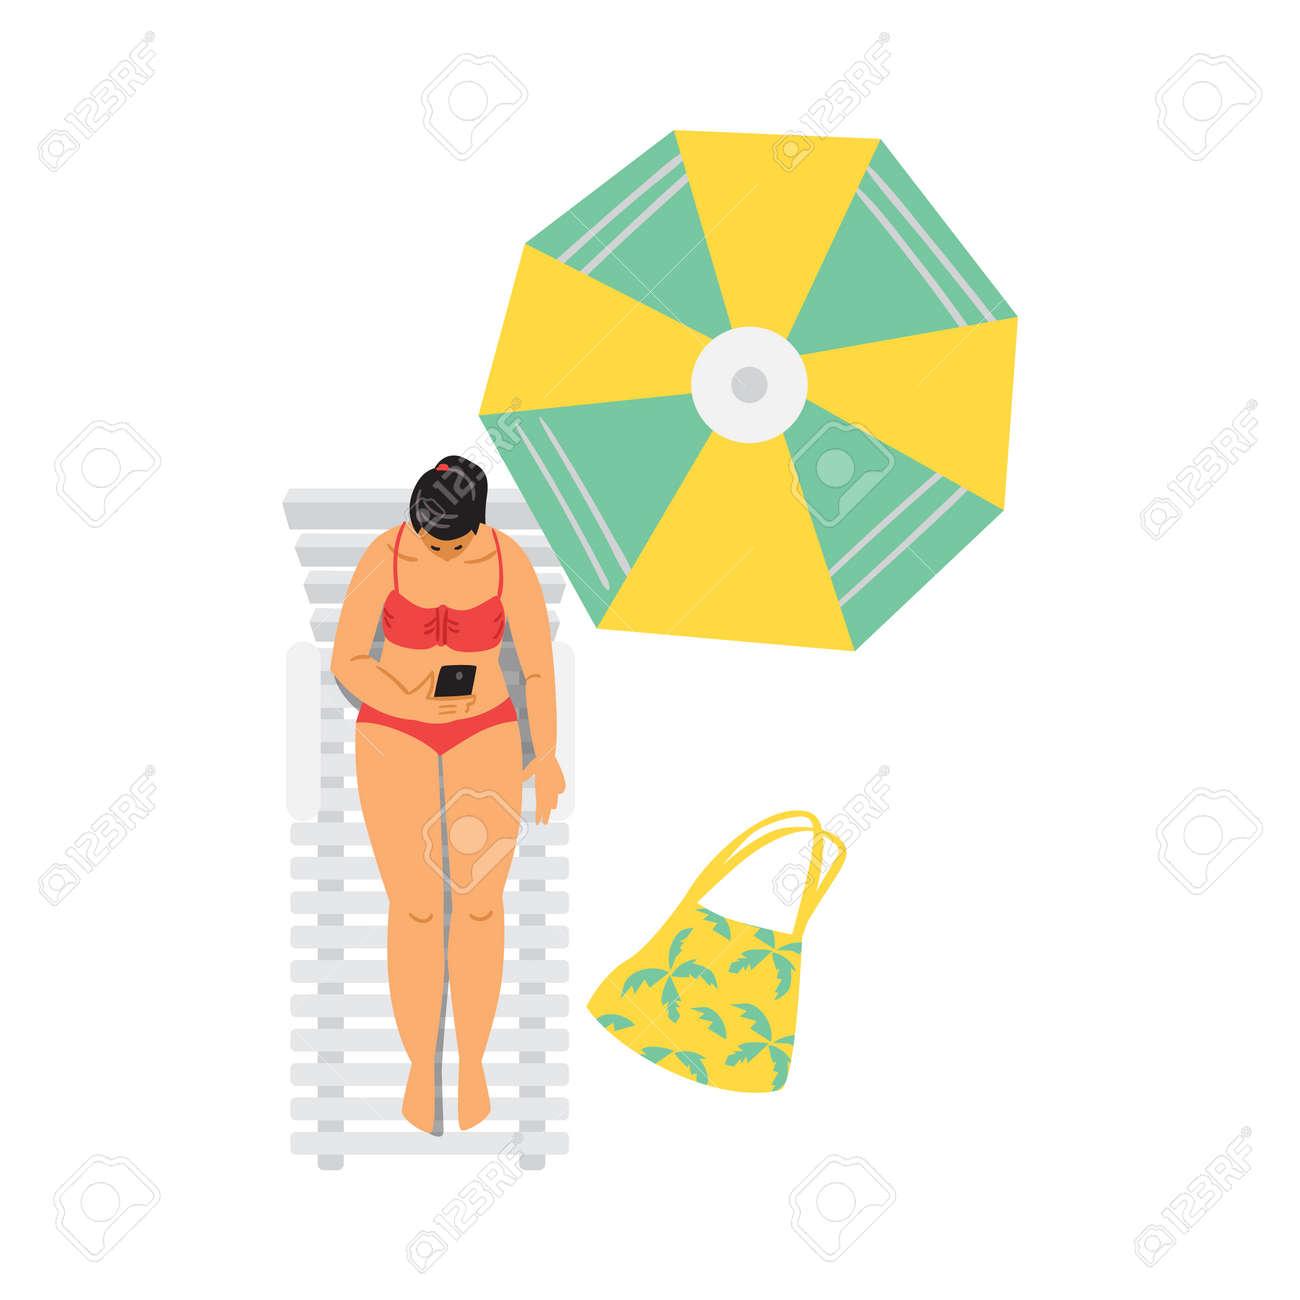 Young woman in bikini relax sunbathing near swimming pool or on beach. - 173345889